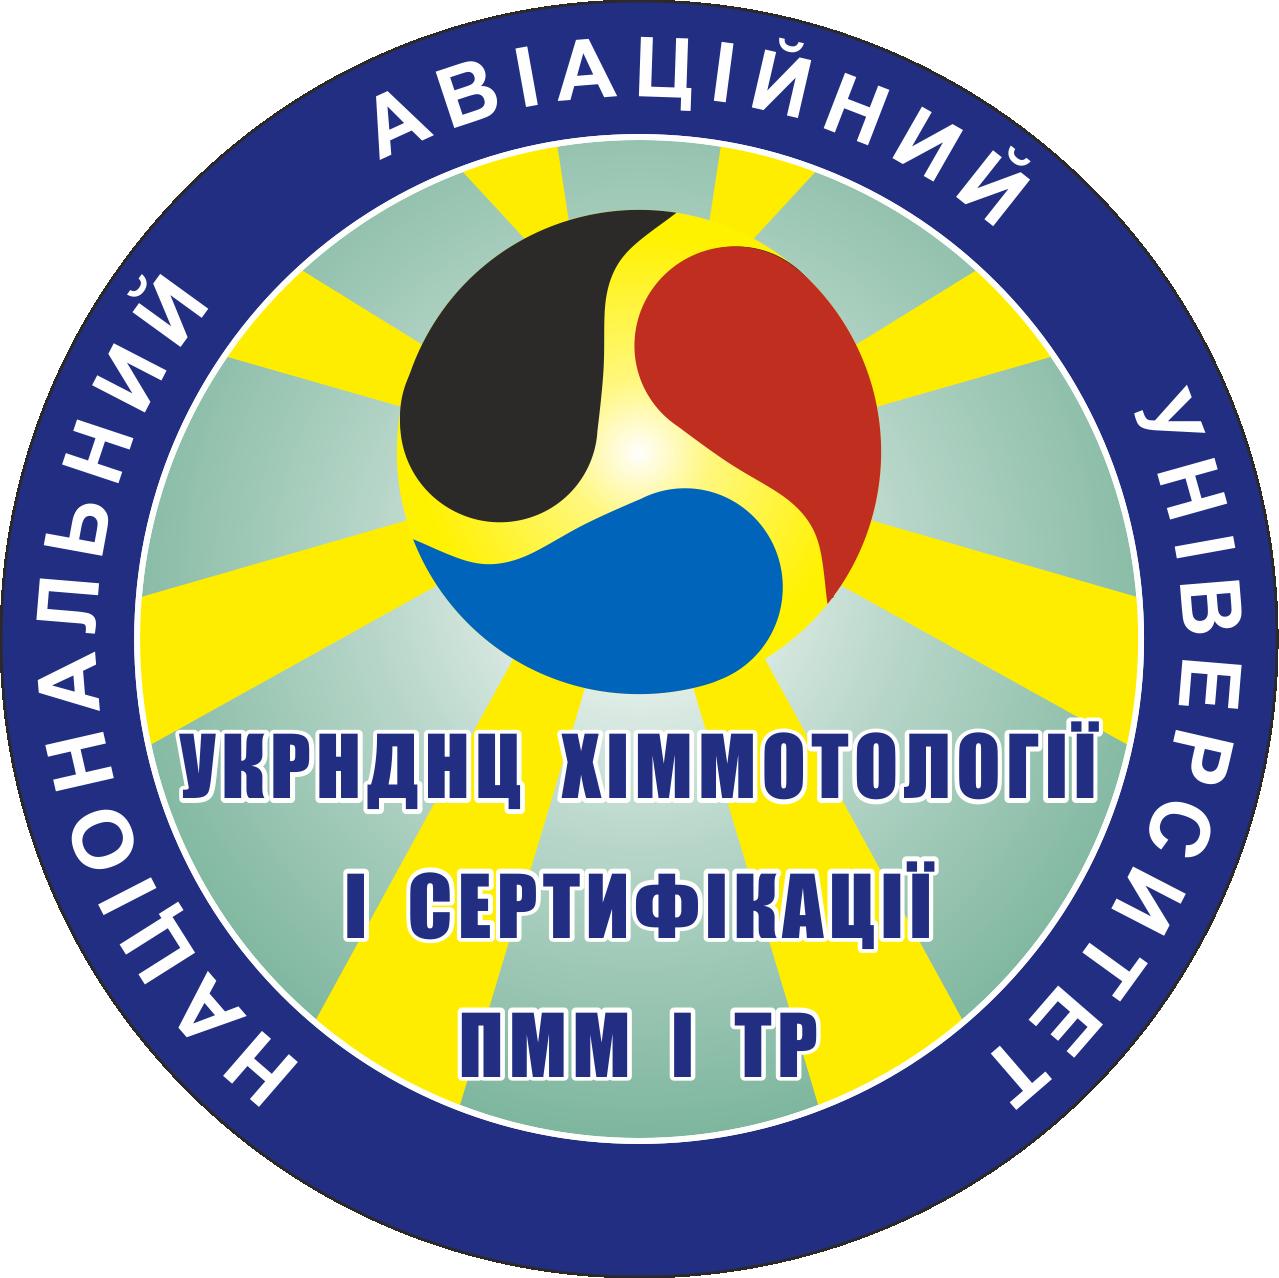 УкрНИУЦ химмотологии и сертификации ГСМ и ТЖ